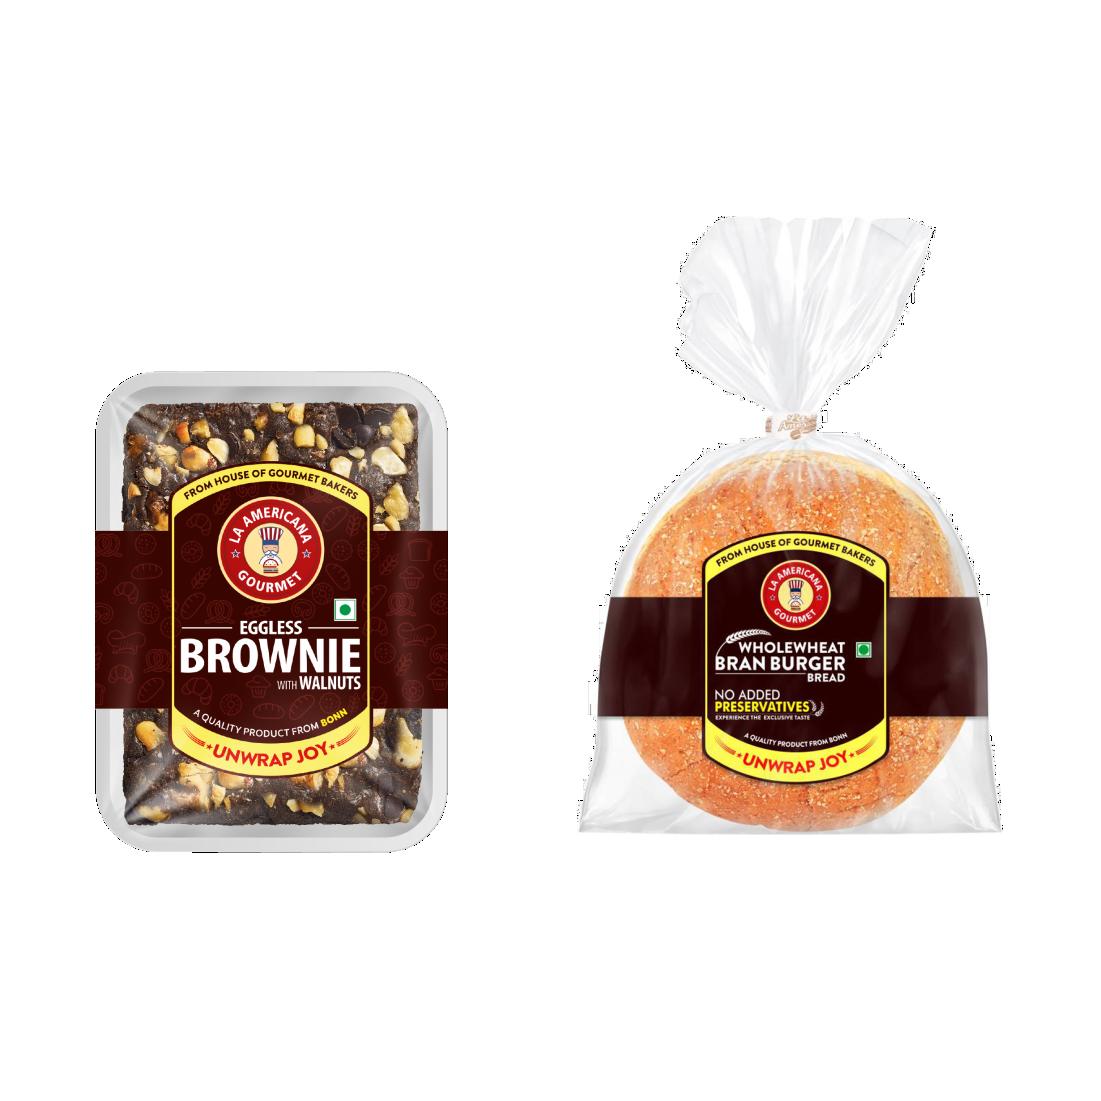 LA Americana Wholewheat Bran Burger 150g and Eggless Walnut Brownie 70g ( 2 Packs each)